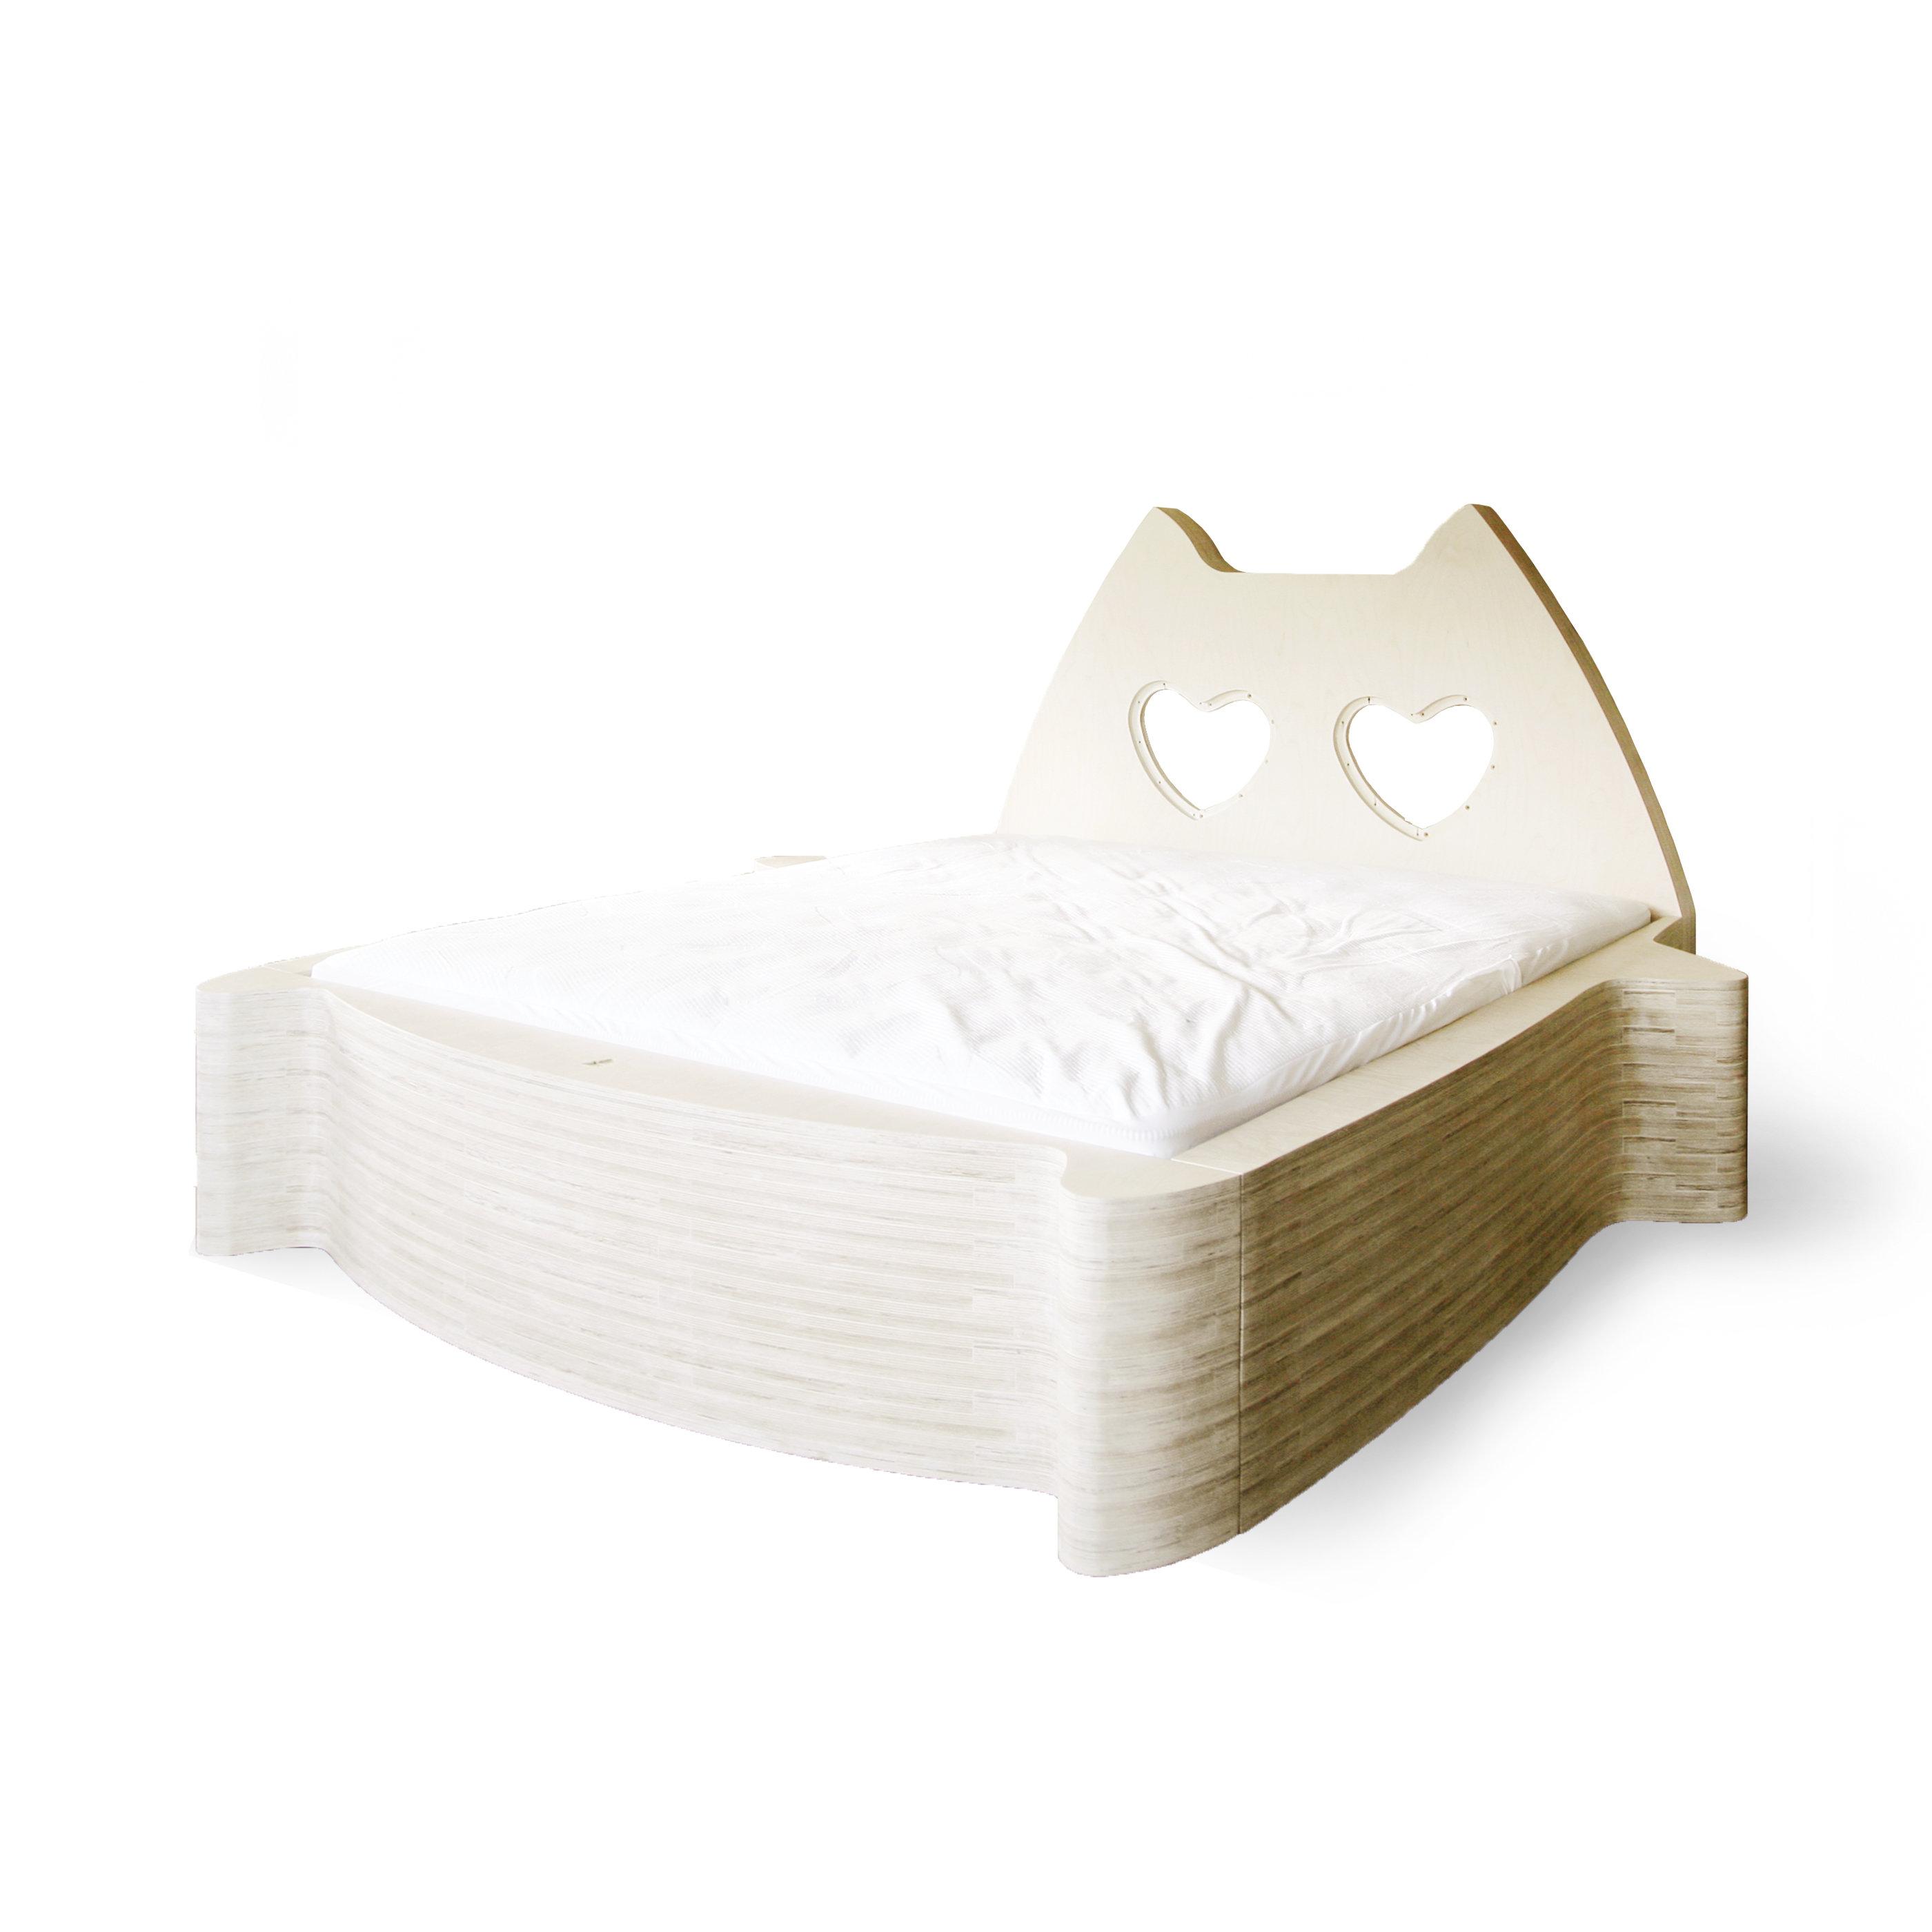 Кровать Archpole 15430864 от thefurnish